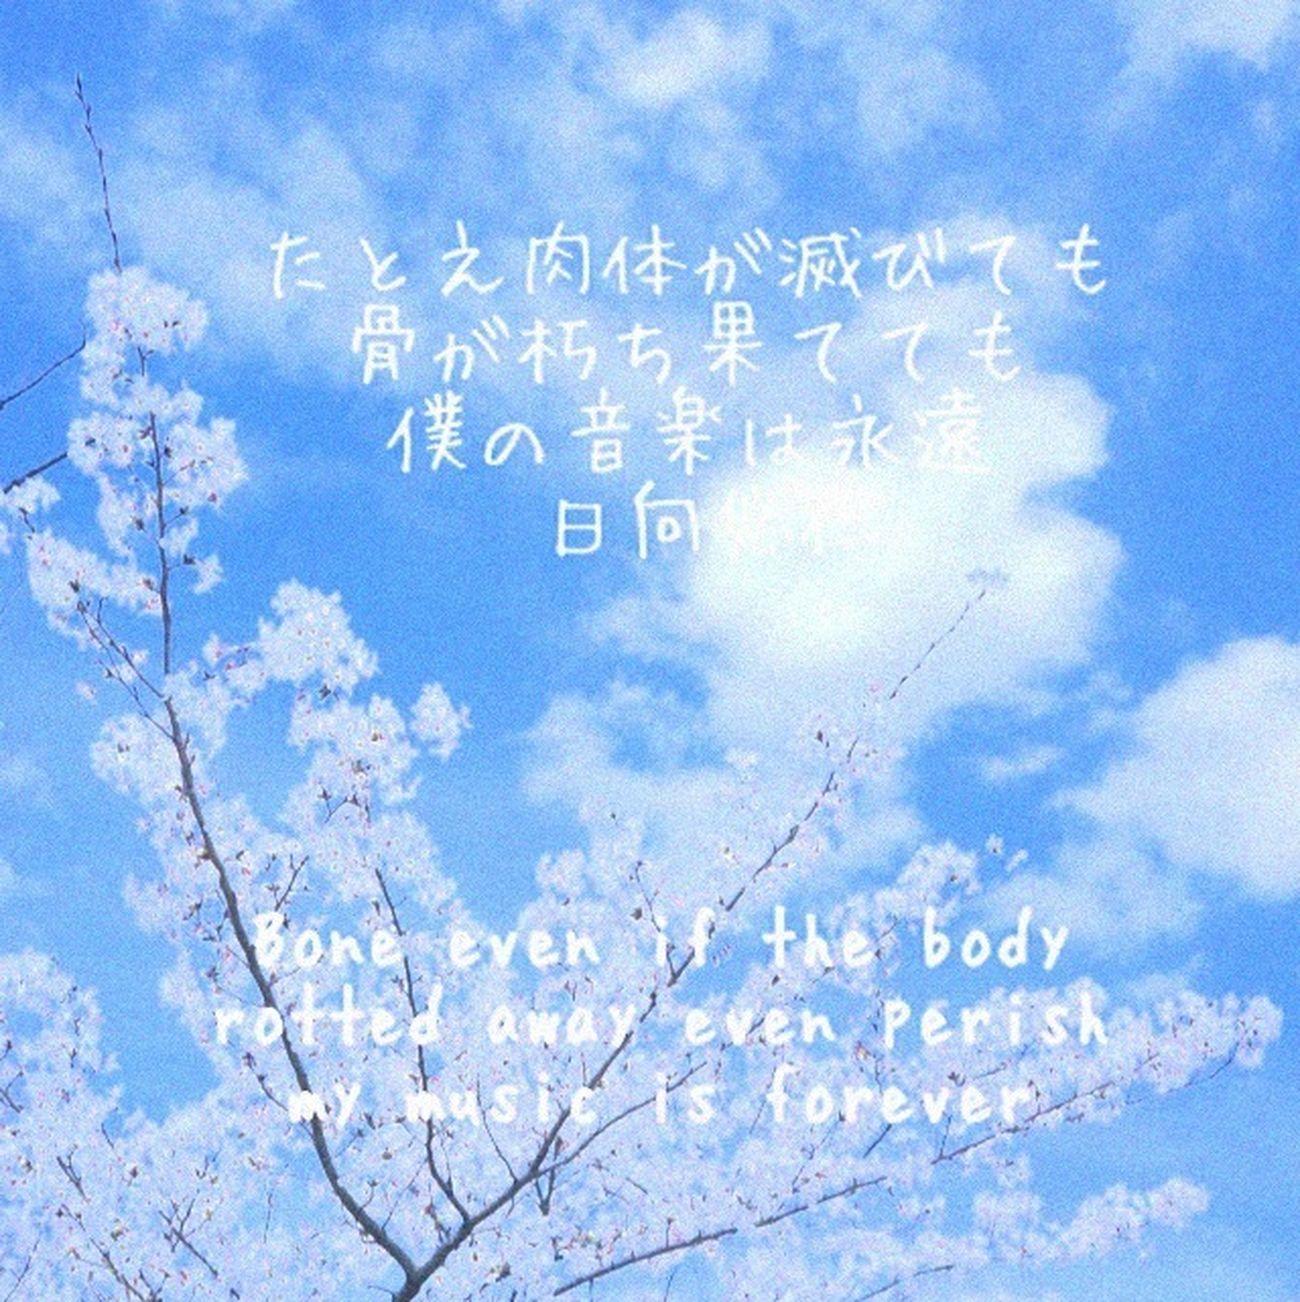 Art HISAHITO Hi On The Road